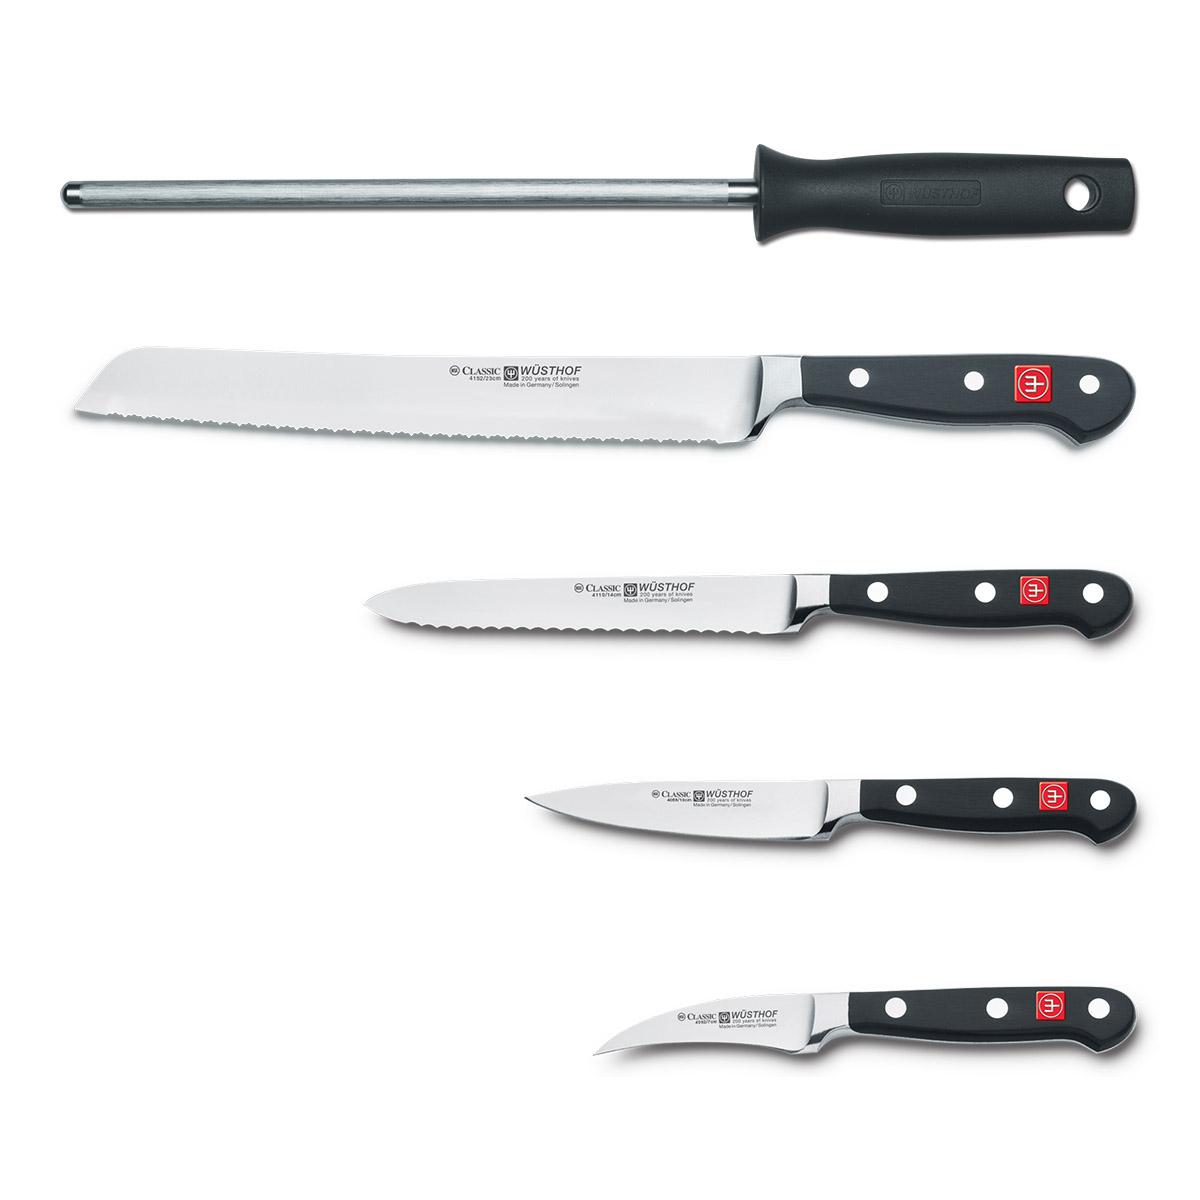 Súprava nožov s hnedým stojanom, vidličkou na mäso, ocieľkou a nožnicami 10-dielna Classic WÜSTHOF